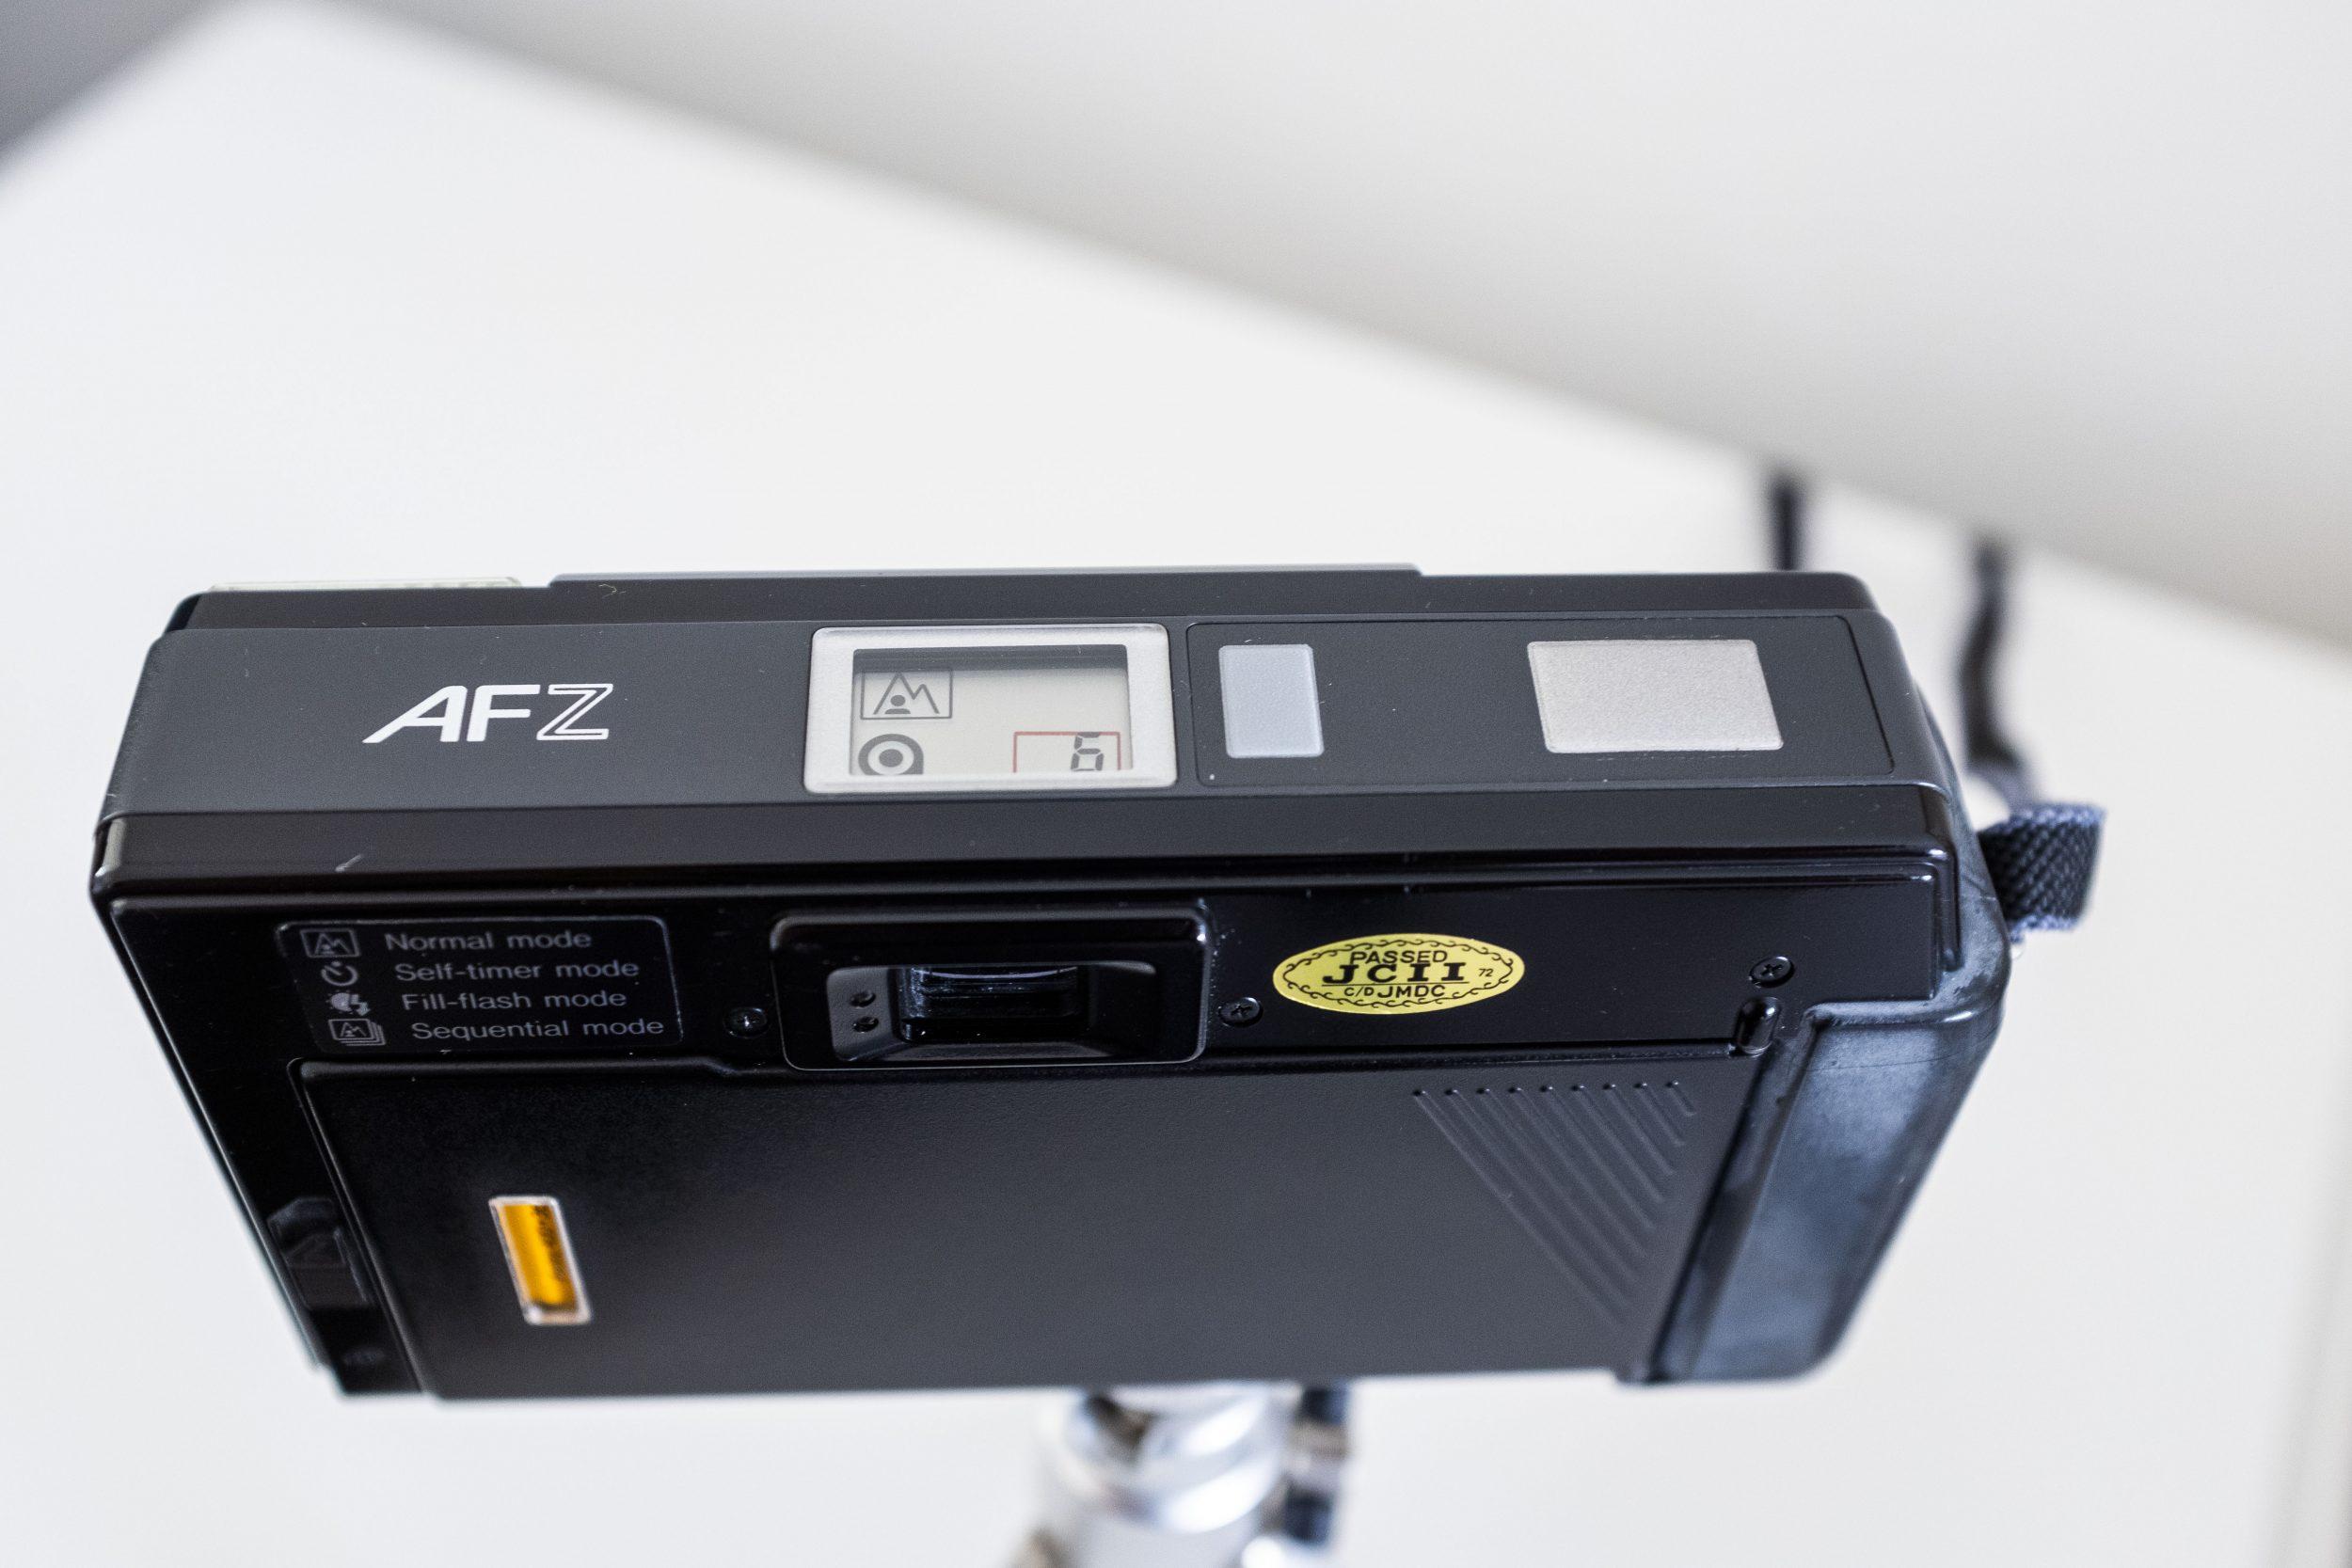 Minolta AFZ (Pic: Andy Clad)